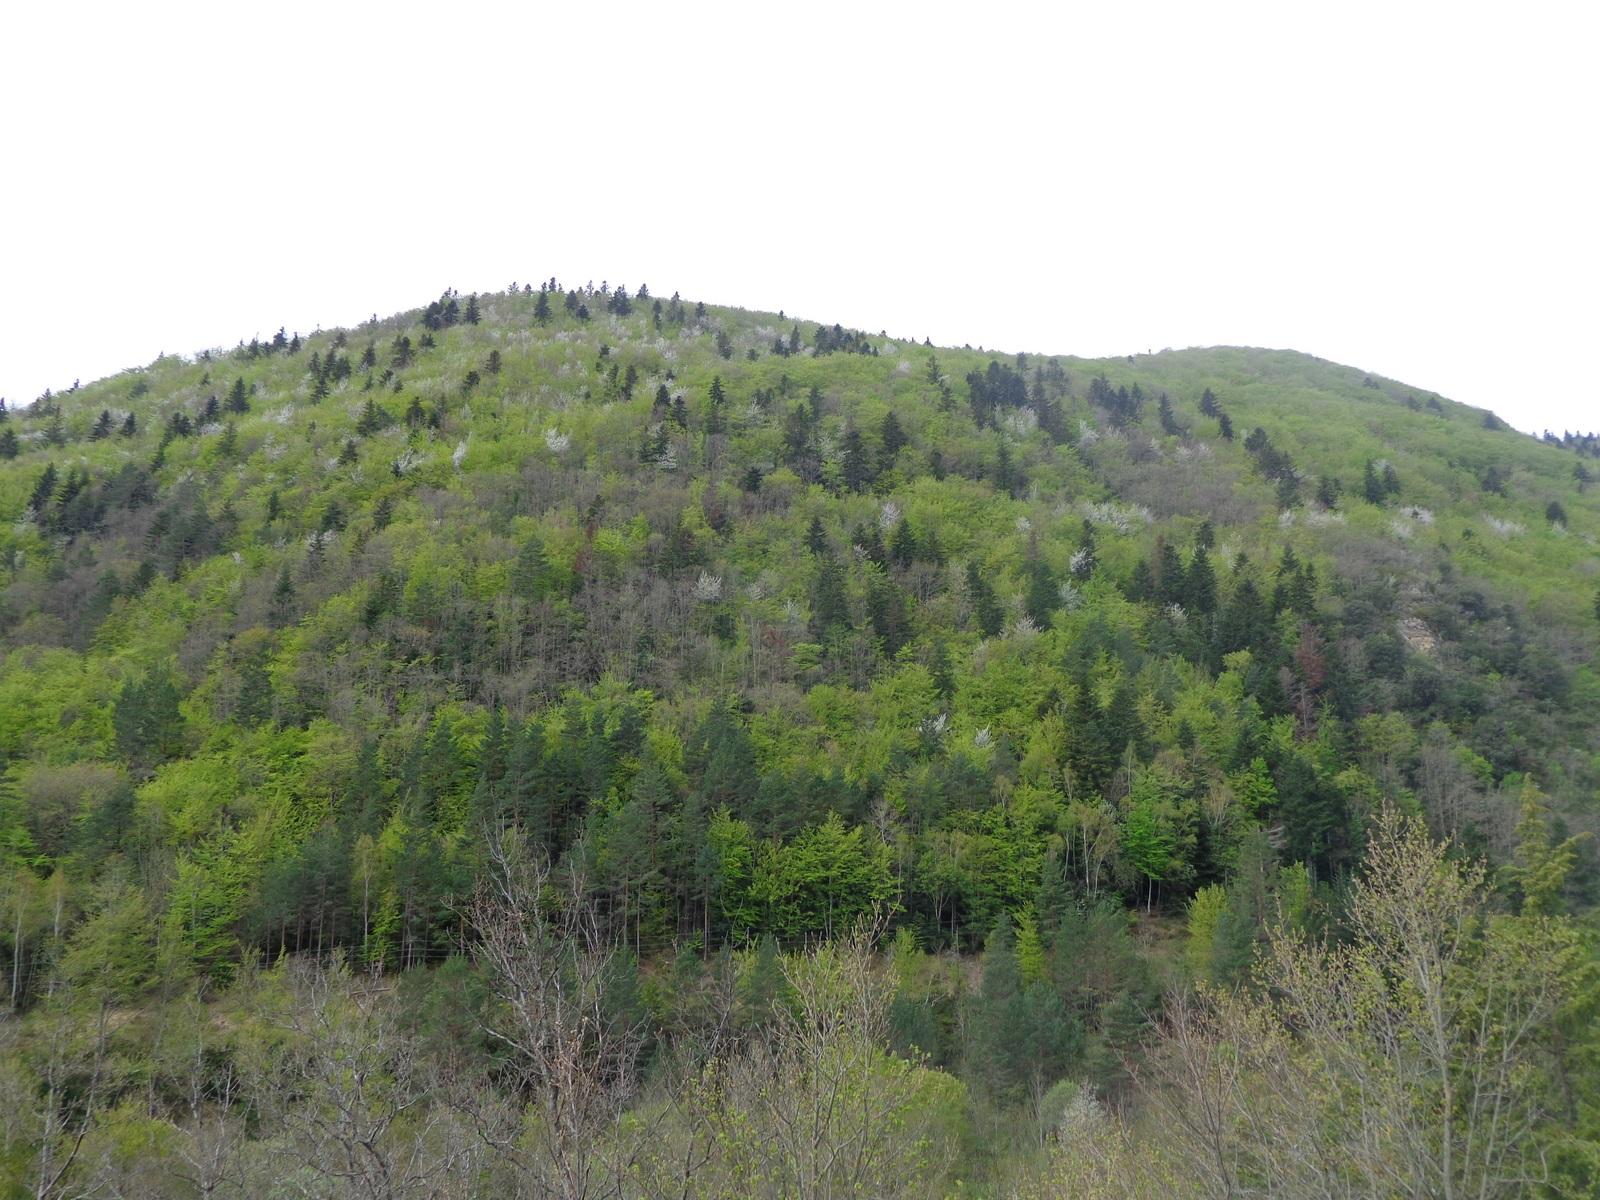 La vallée de la Rébenty après avoir quitté Axat vers La Fajolle et le col du Pradel. Sauvage.